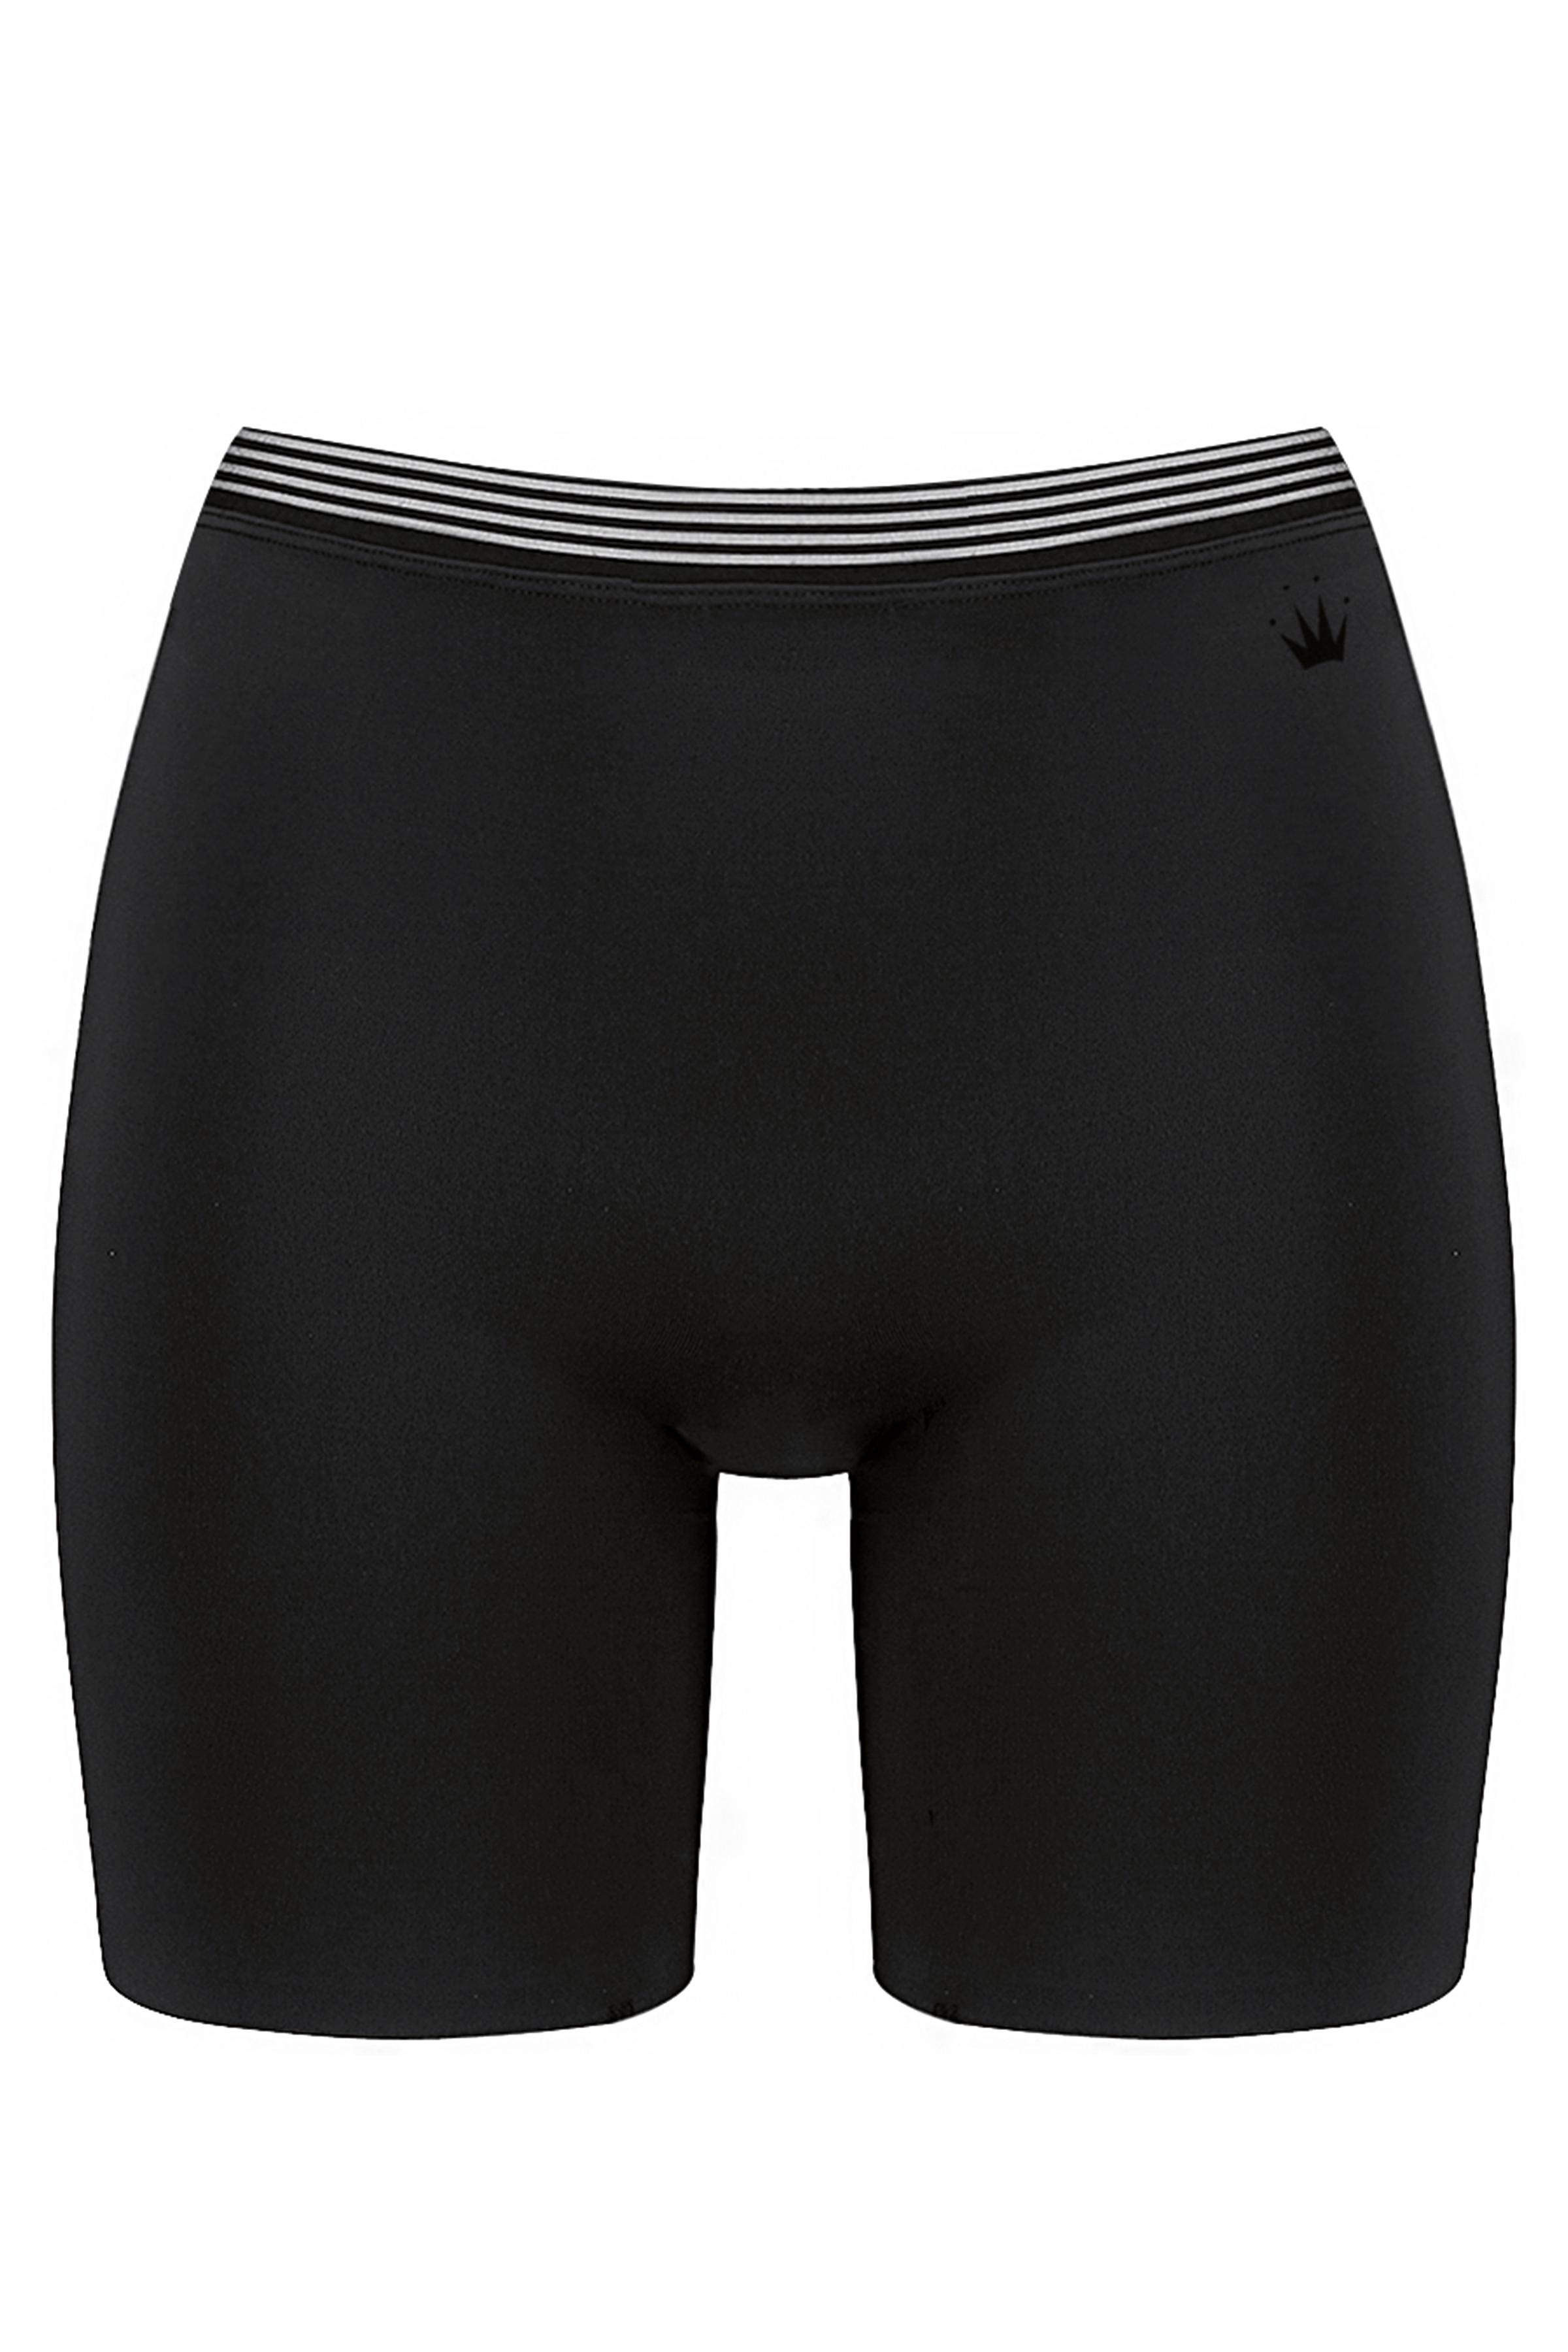 Sort Trusse - Infinite Sensation Shapewear fra Triumph – Køb Sort Trusse - Infinite Sensation Shapewear fra str. L-XL her